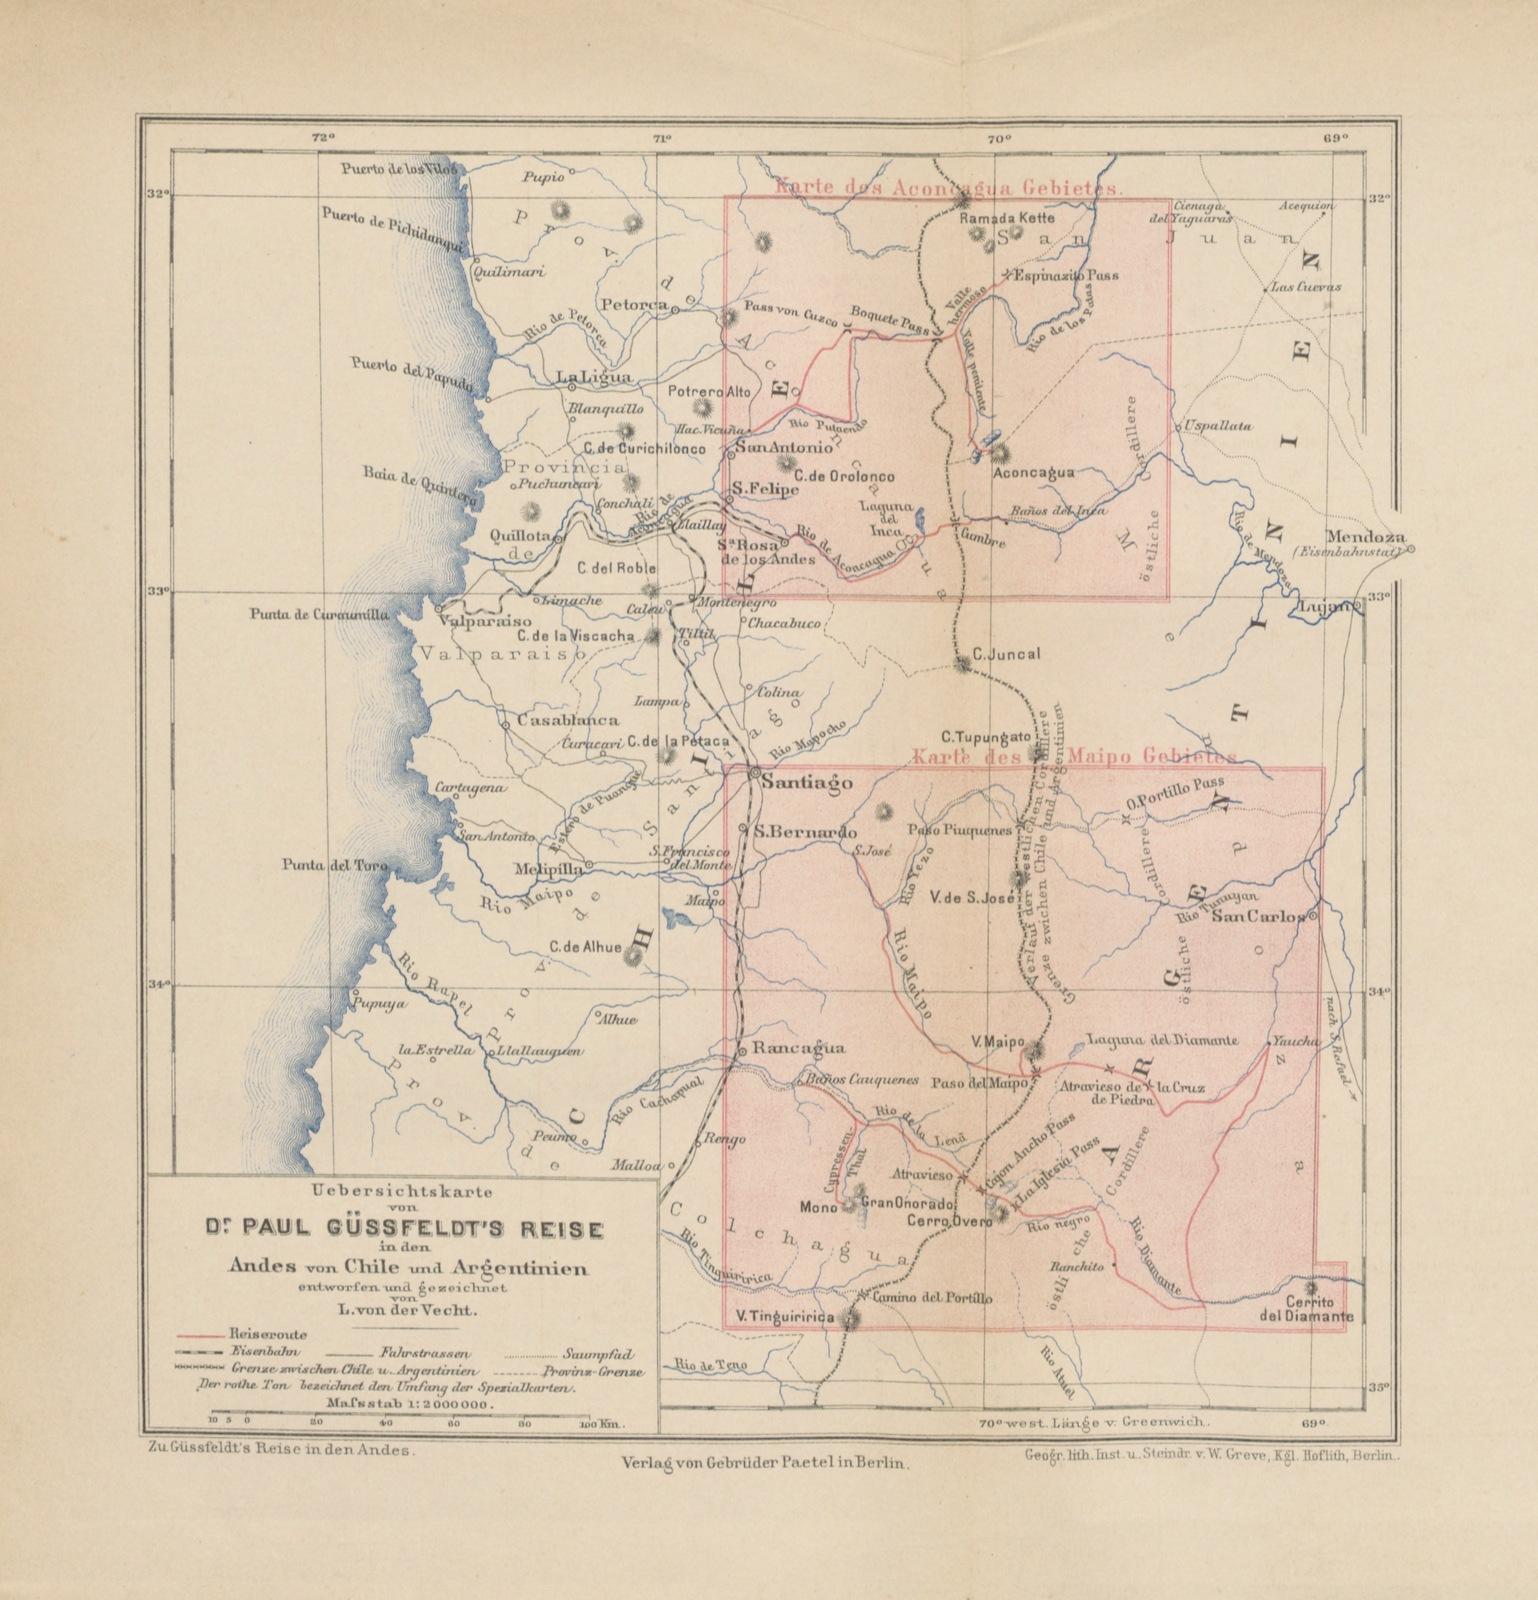 """map from """"Reise in den Andes von Chile und Argentinien. ... Mit Uebersichtskarte und 2 Specialkarten"""""""